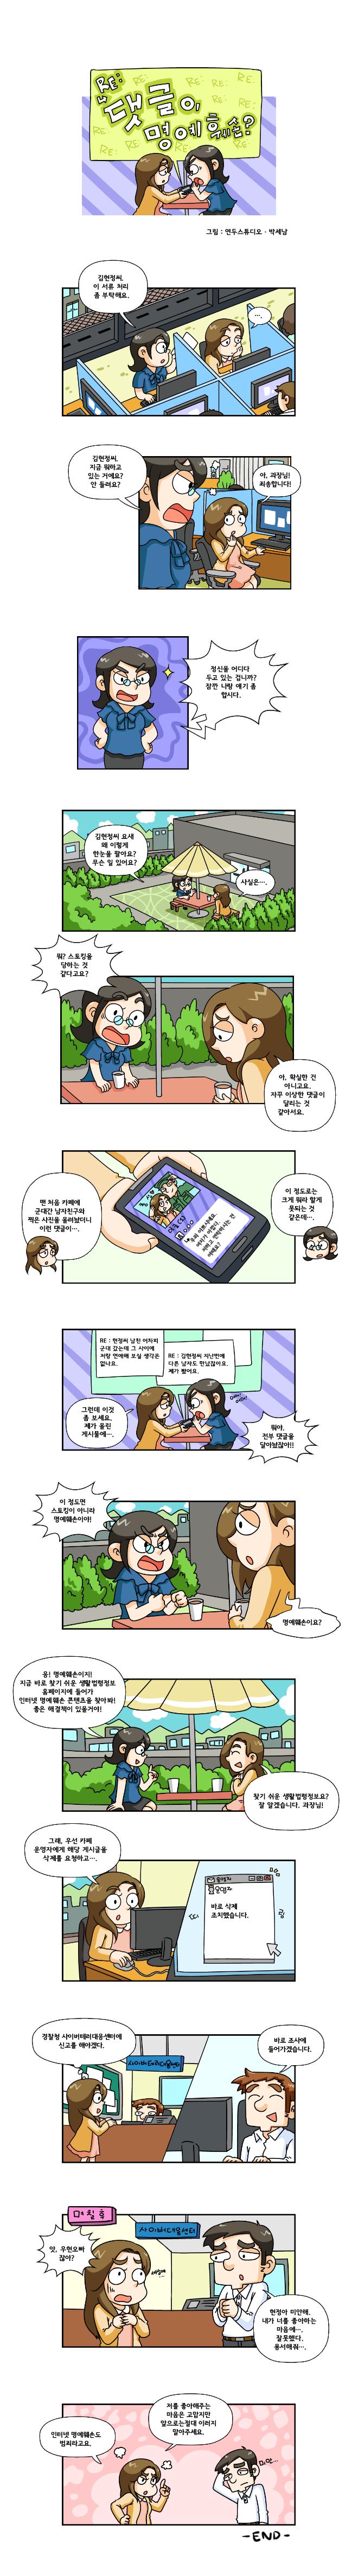 <제10화> Re: 댓글이 명예훼손?